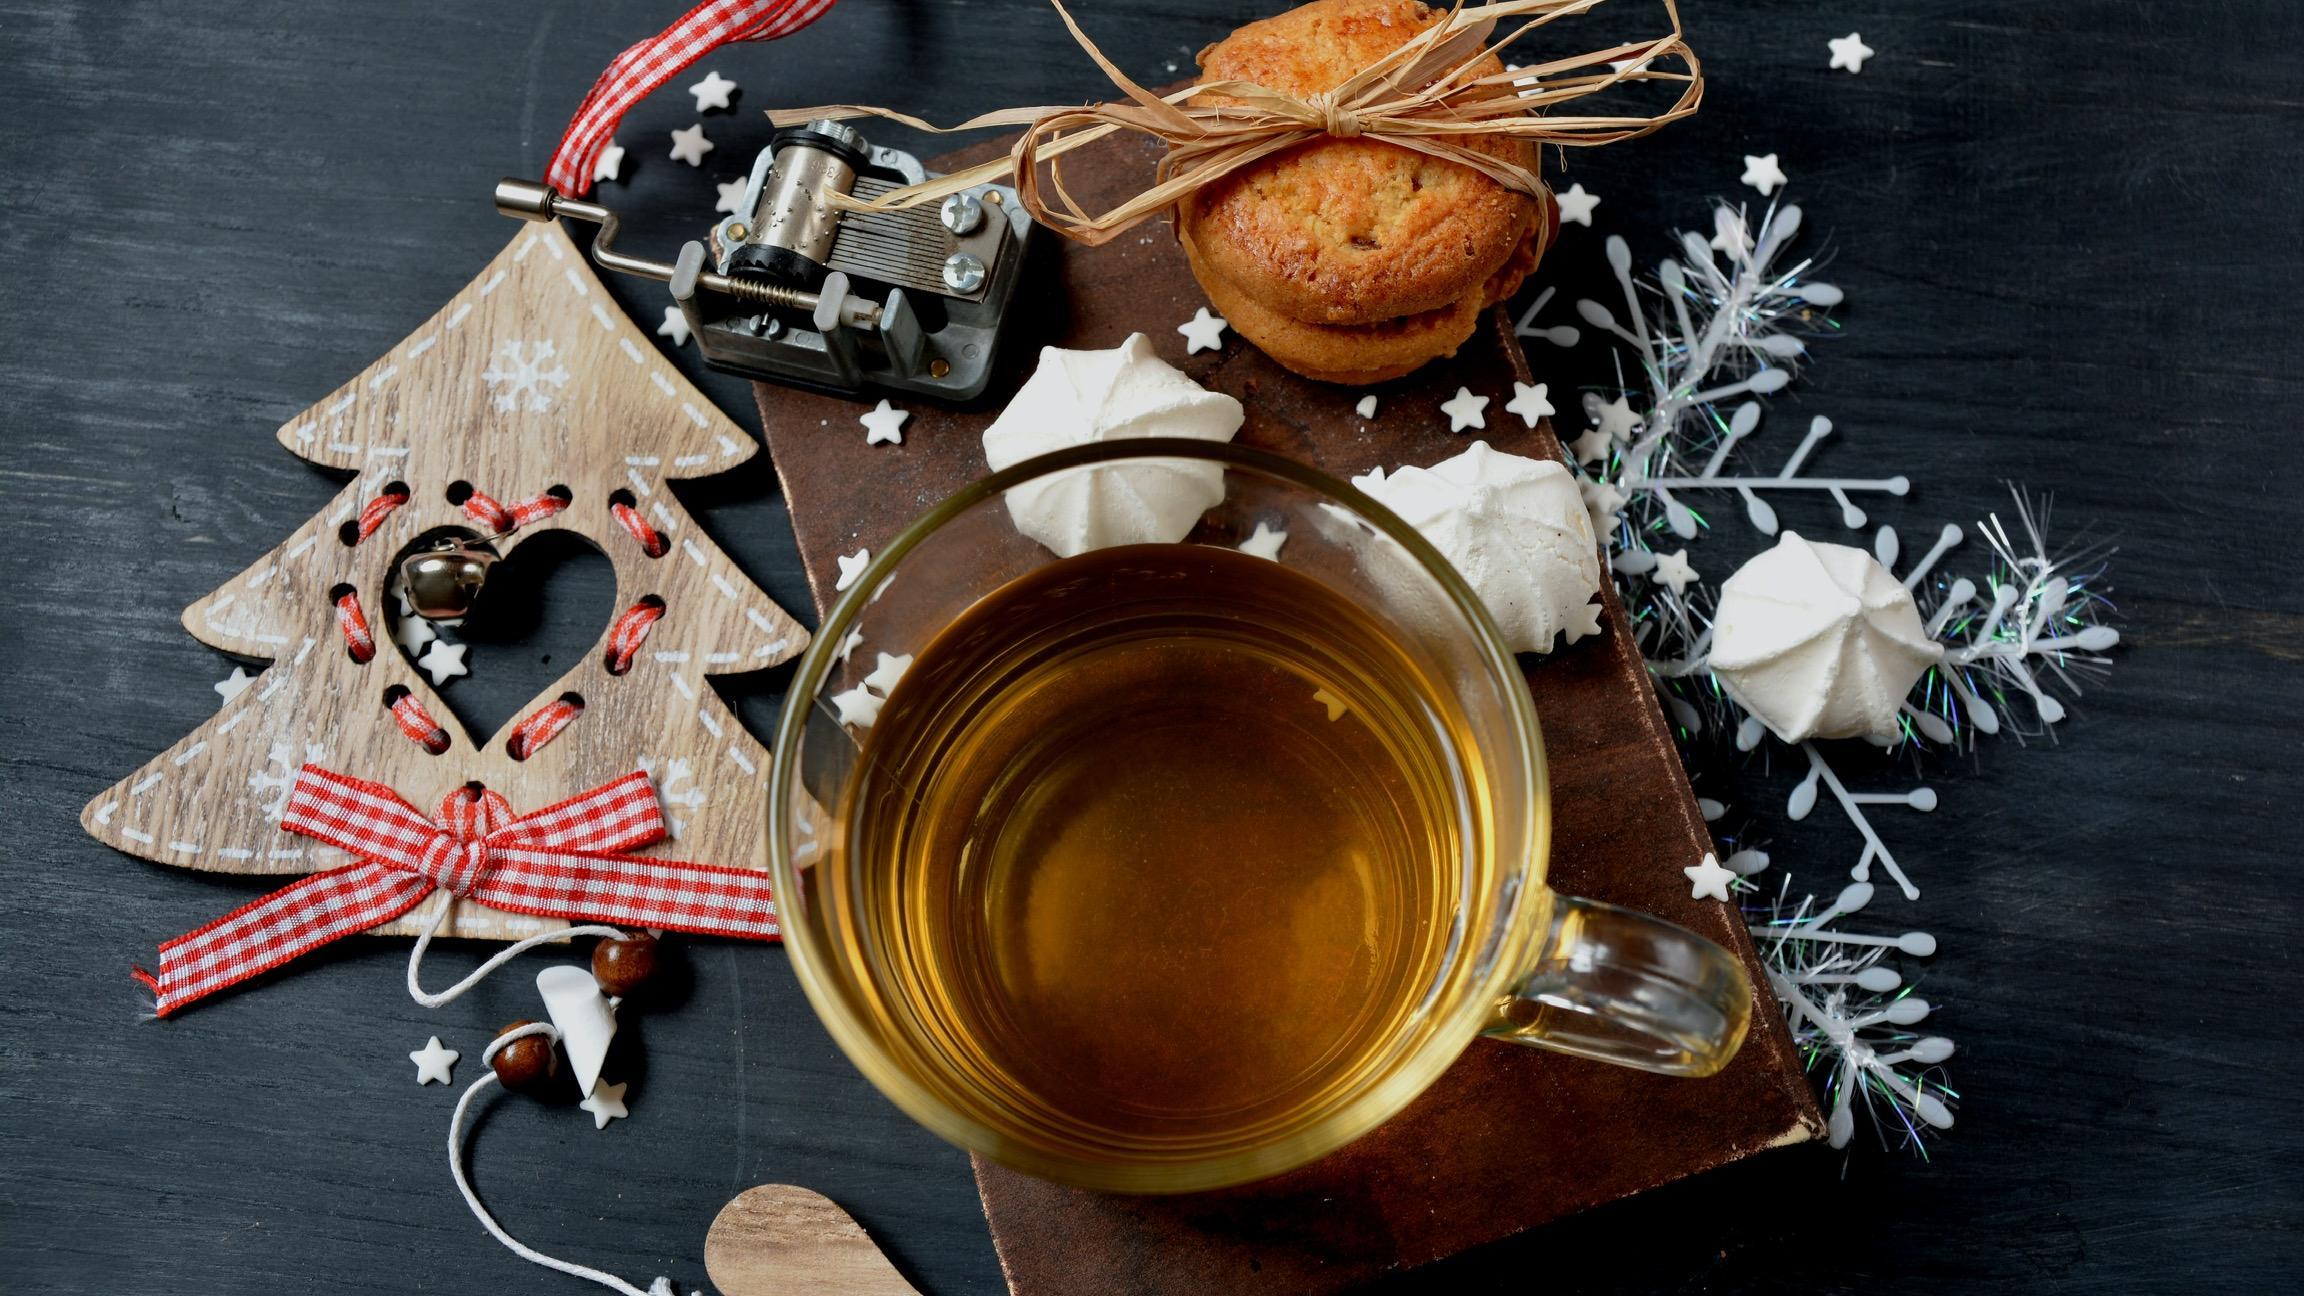 Mit ein paar Plätzchen lässt sich der Tee besonders gut genießen.